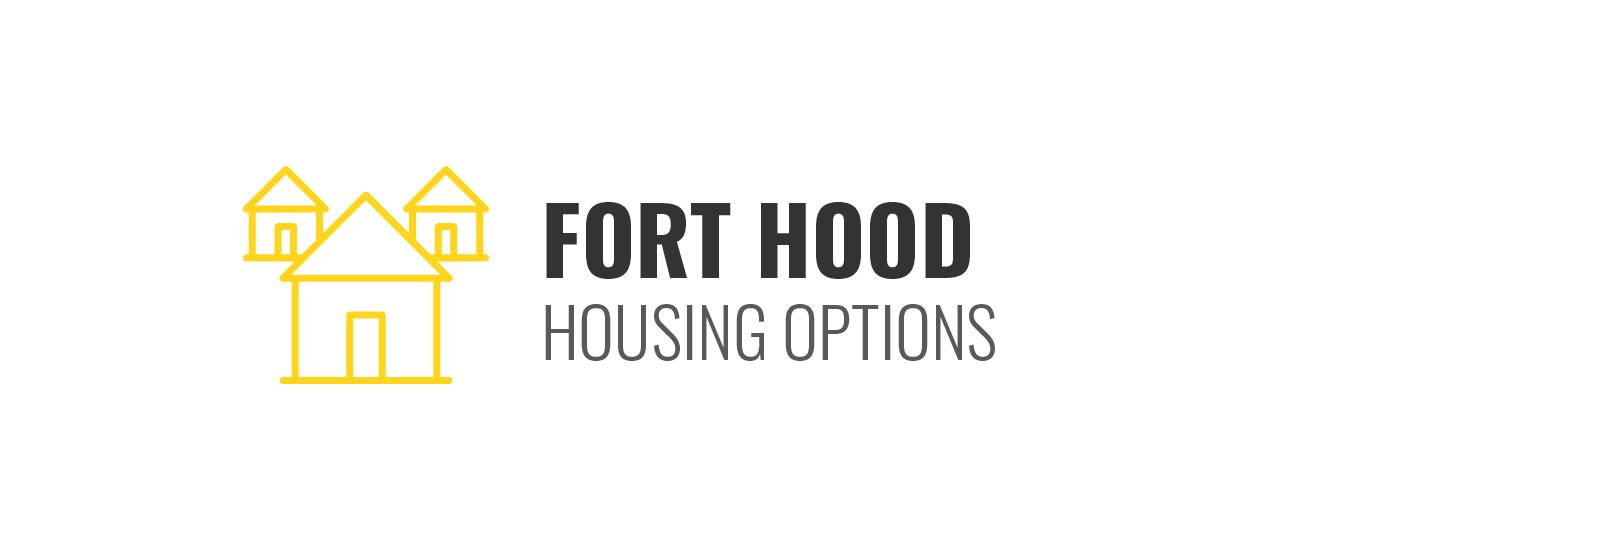 Fort Hood Housing Options